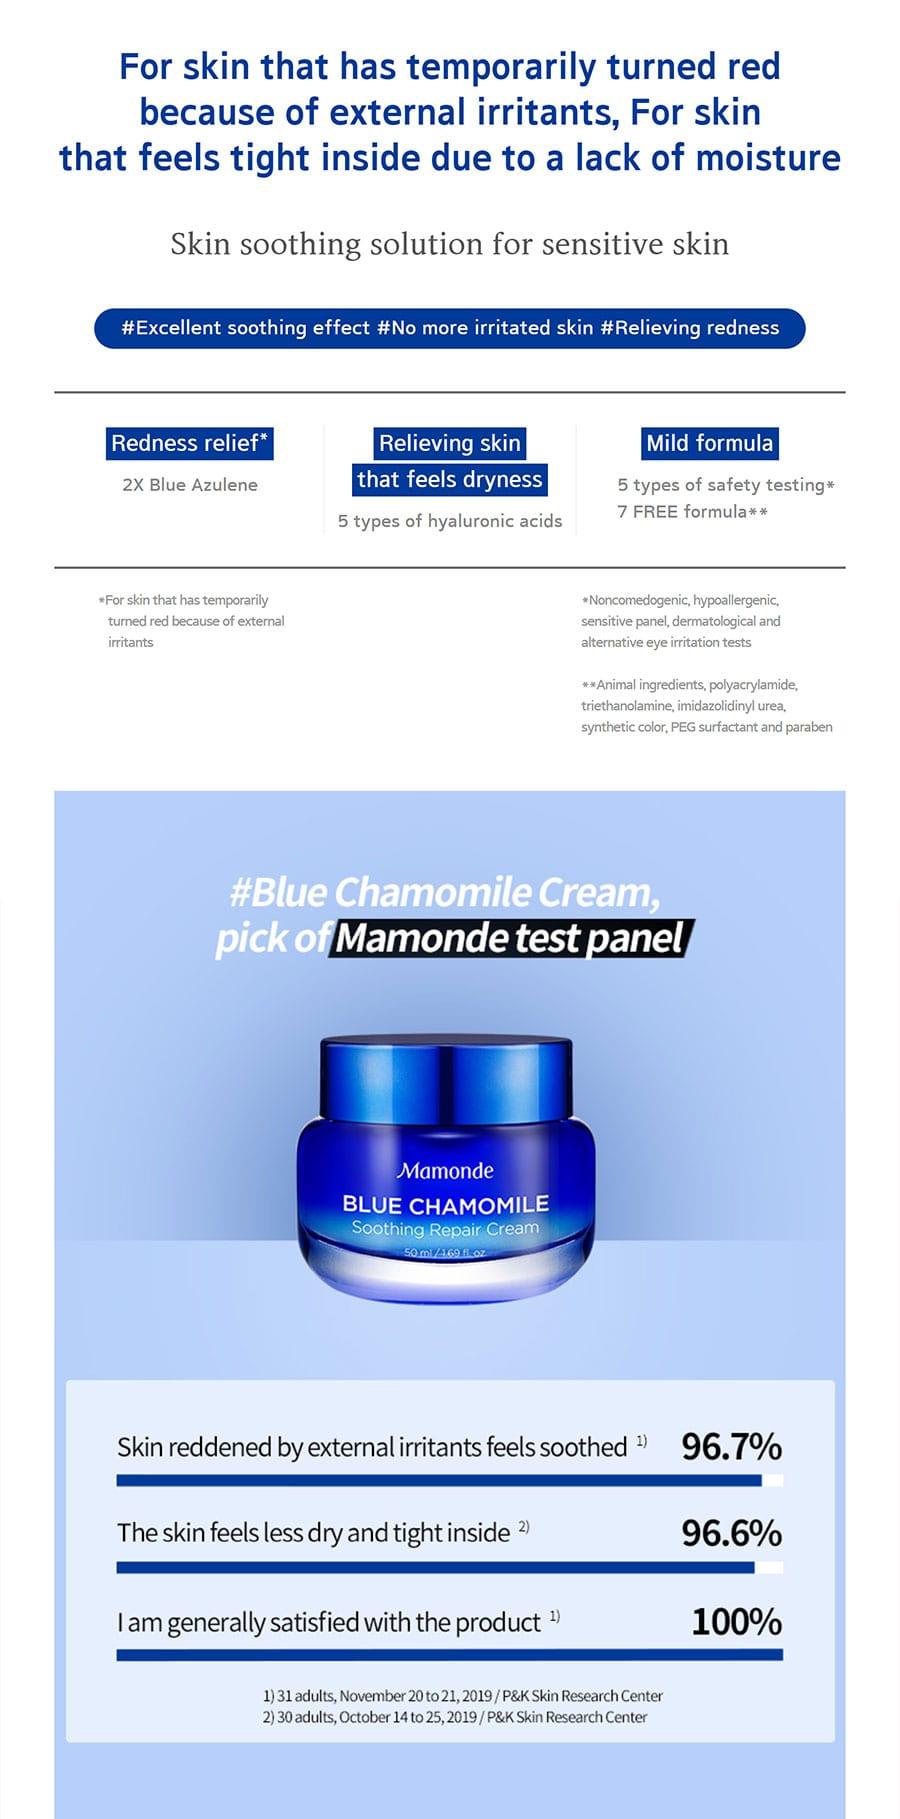 Blue Chamomile Cream - Result